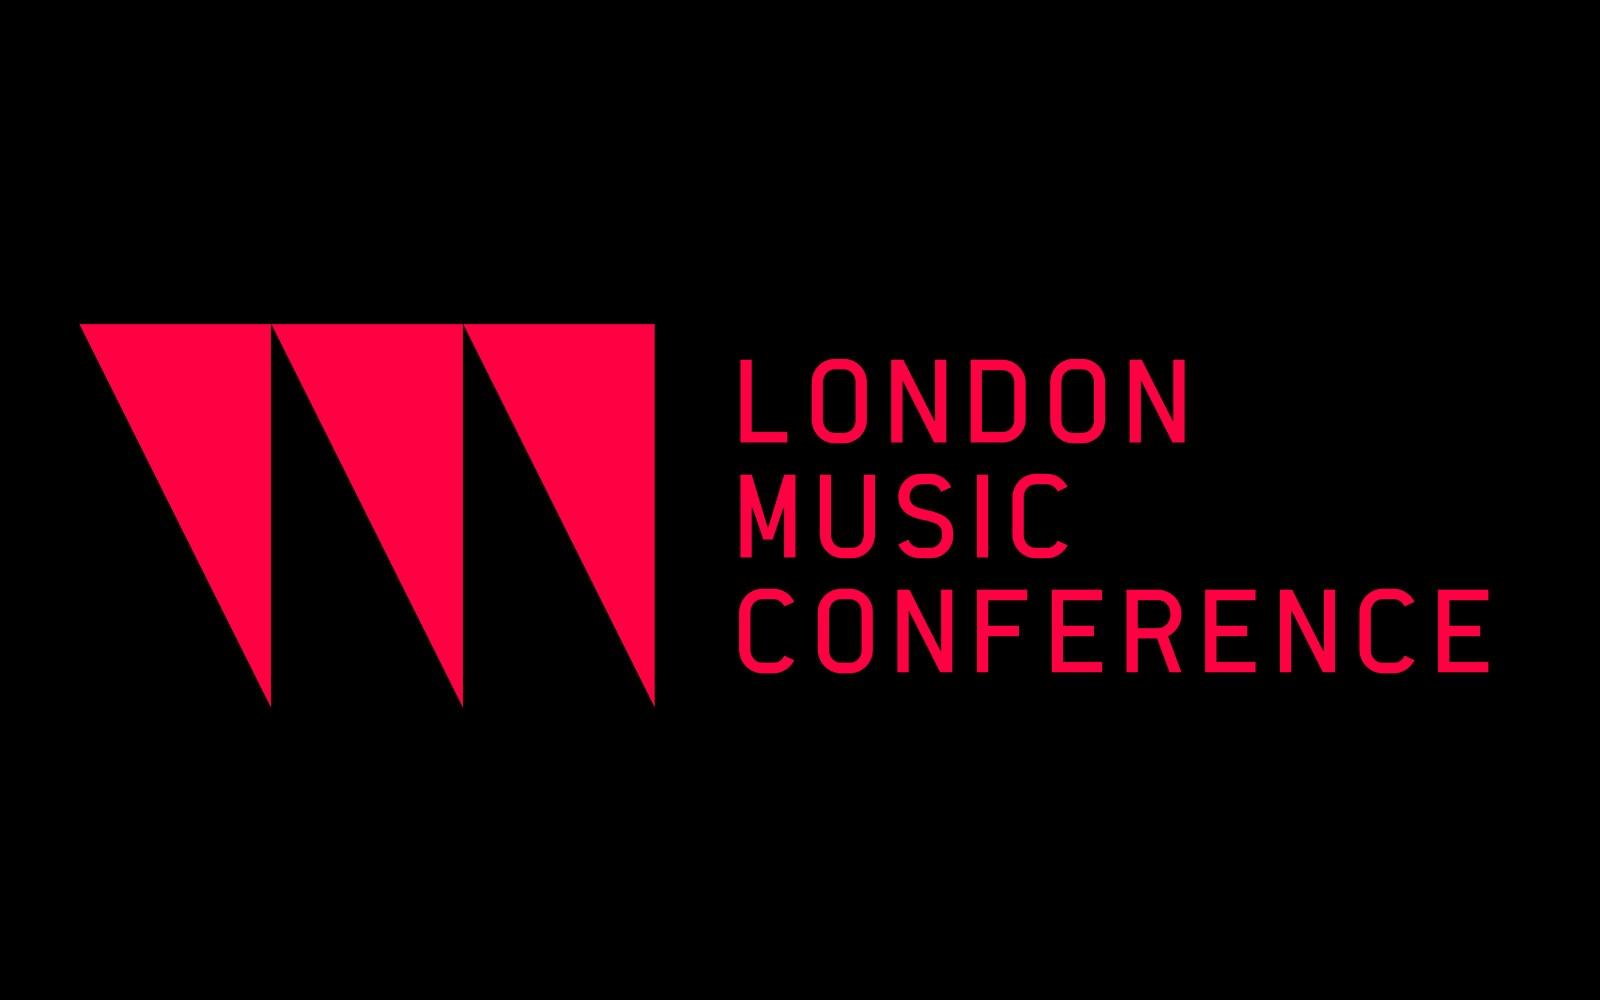 London Music Conference: a nova conferência de música que ocupará diversos espaços de Londres